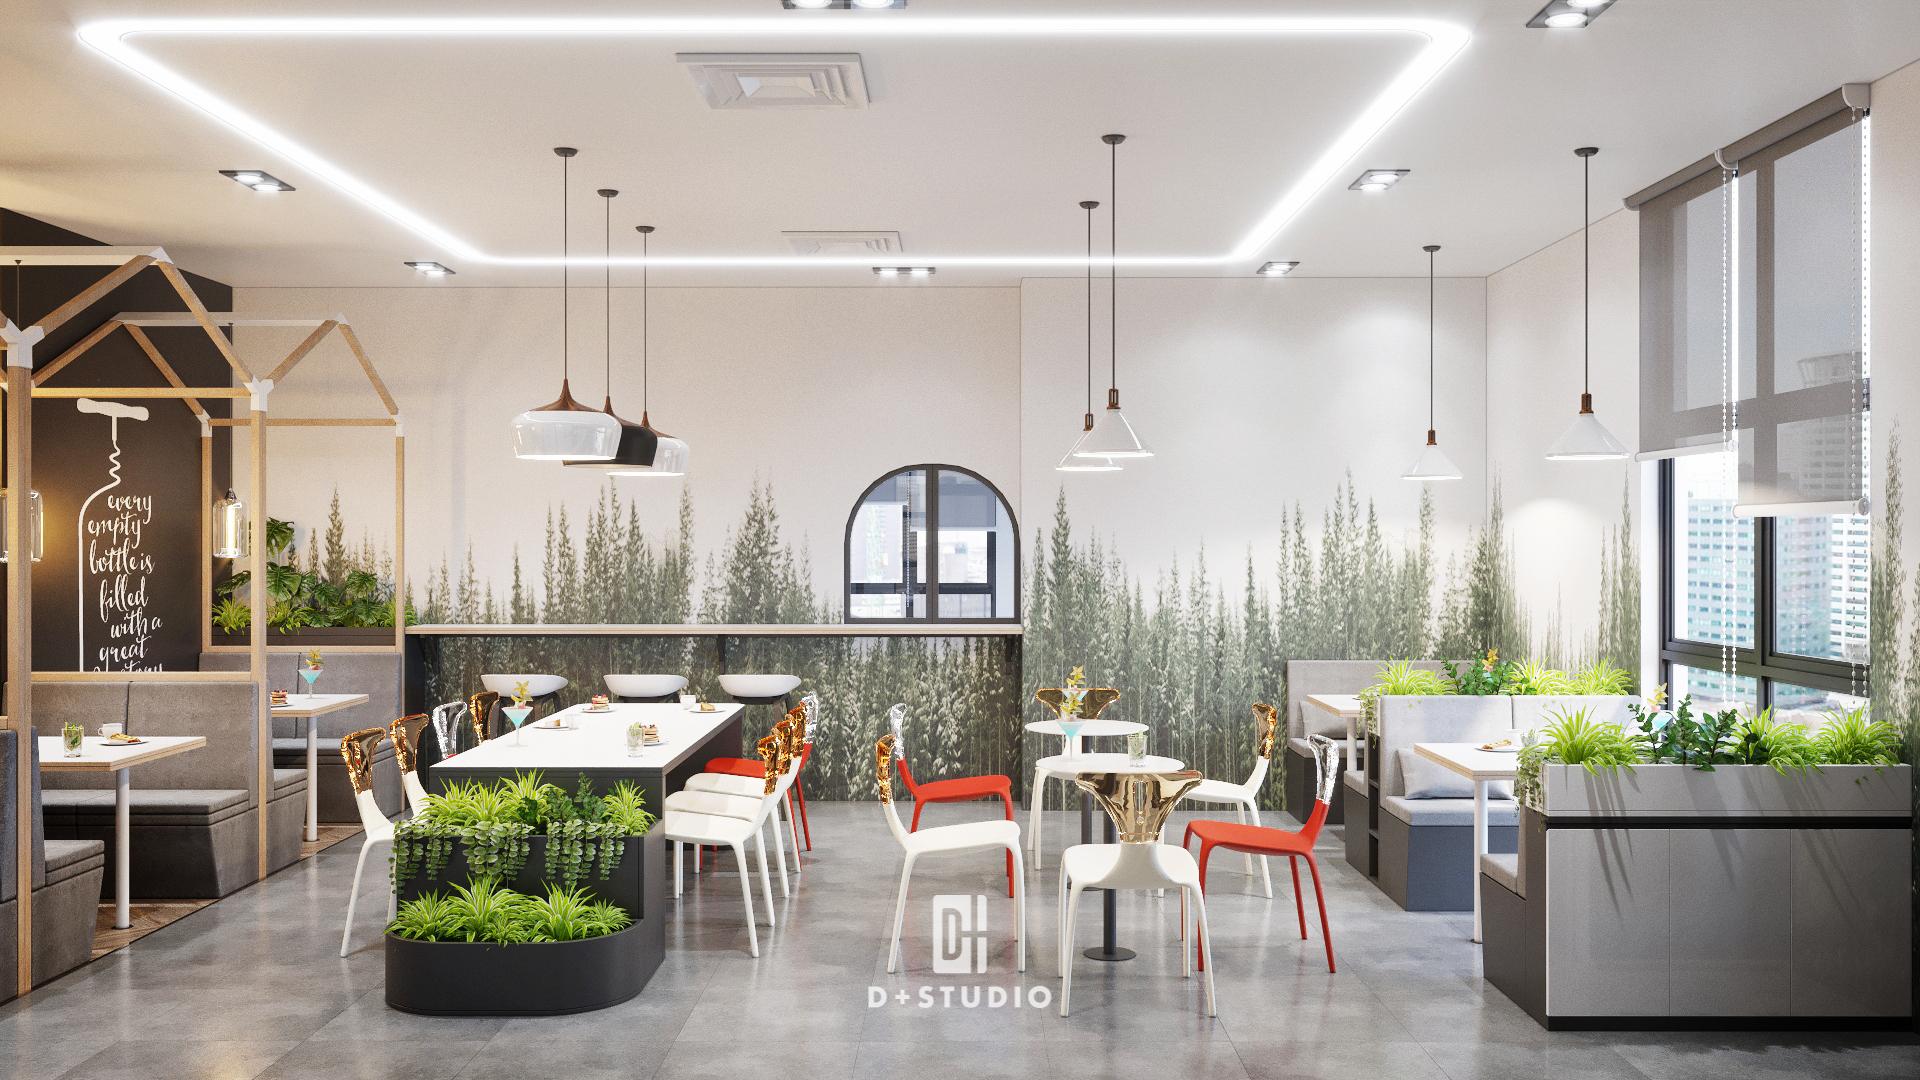 Không gian Pantry của văn phòng với cảnh trí cây xanh đem không gian vô cùng thiên nhiên và thoáng đãng